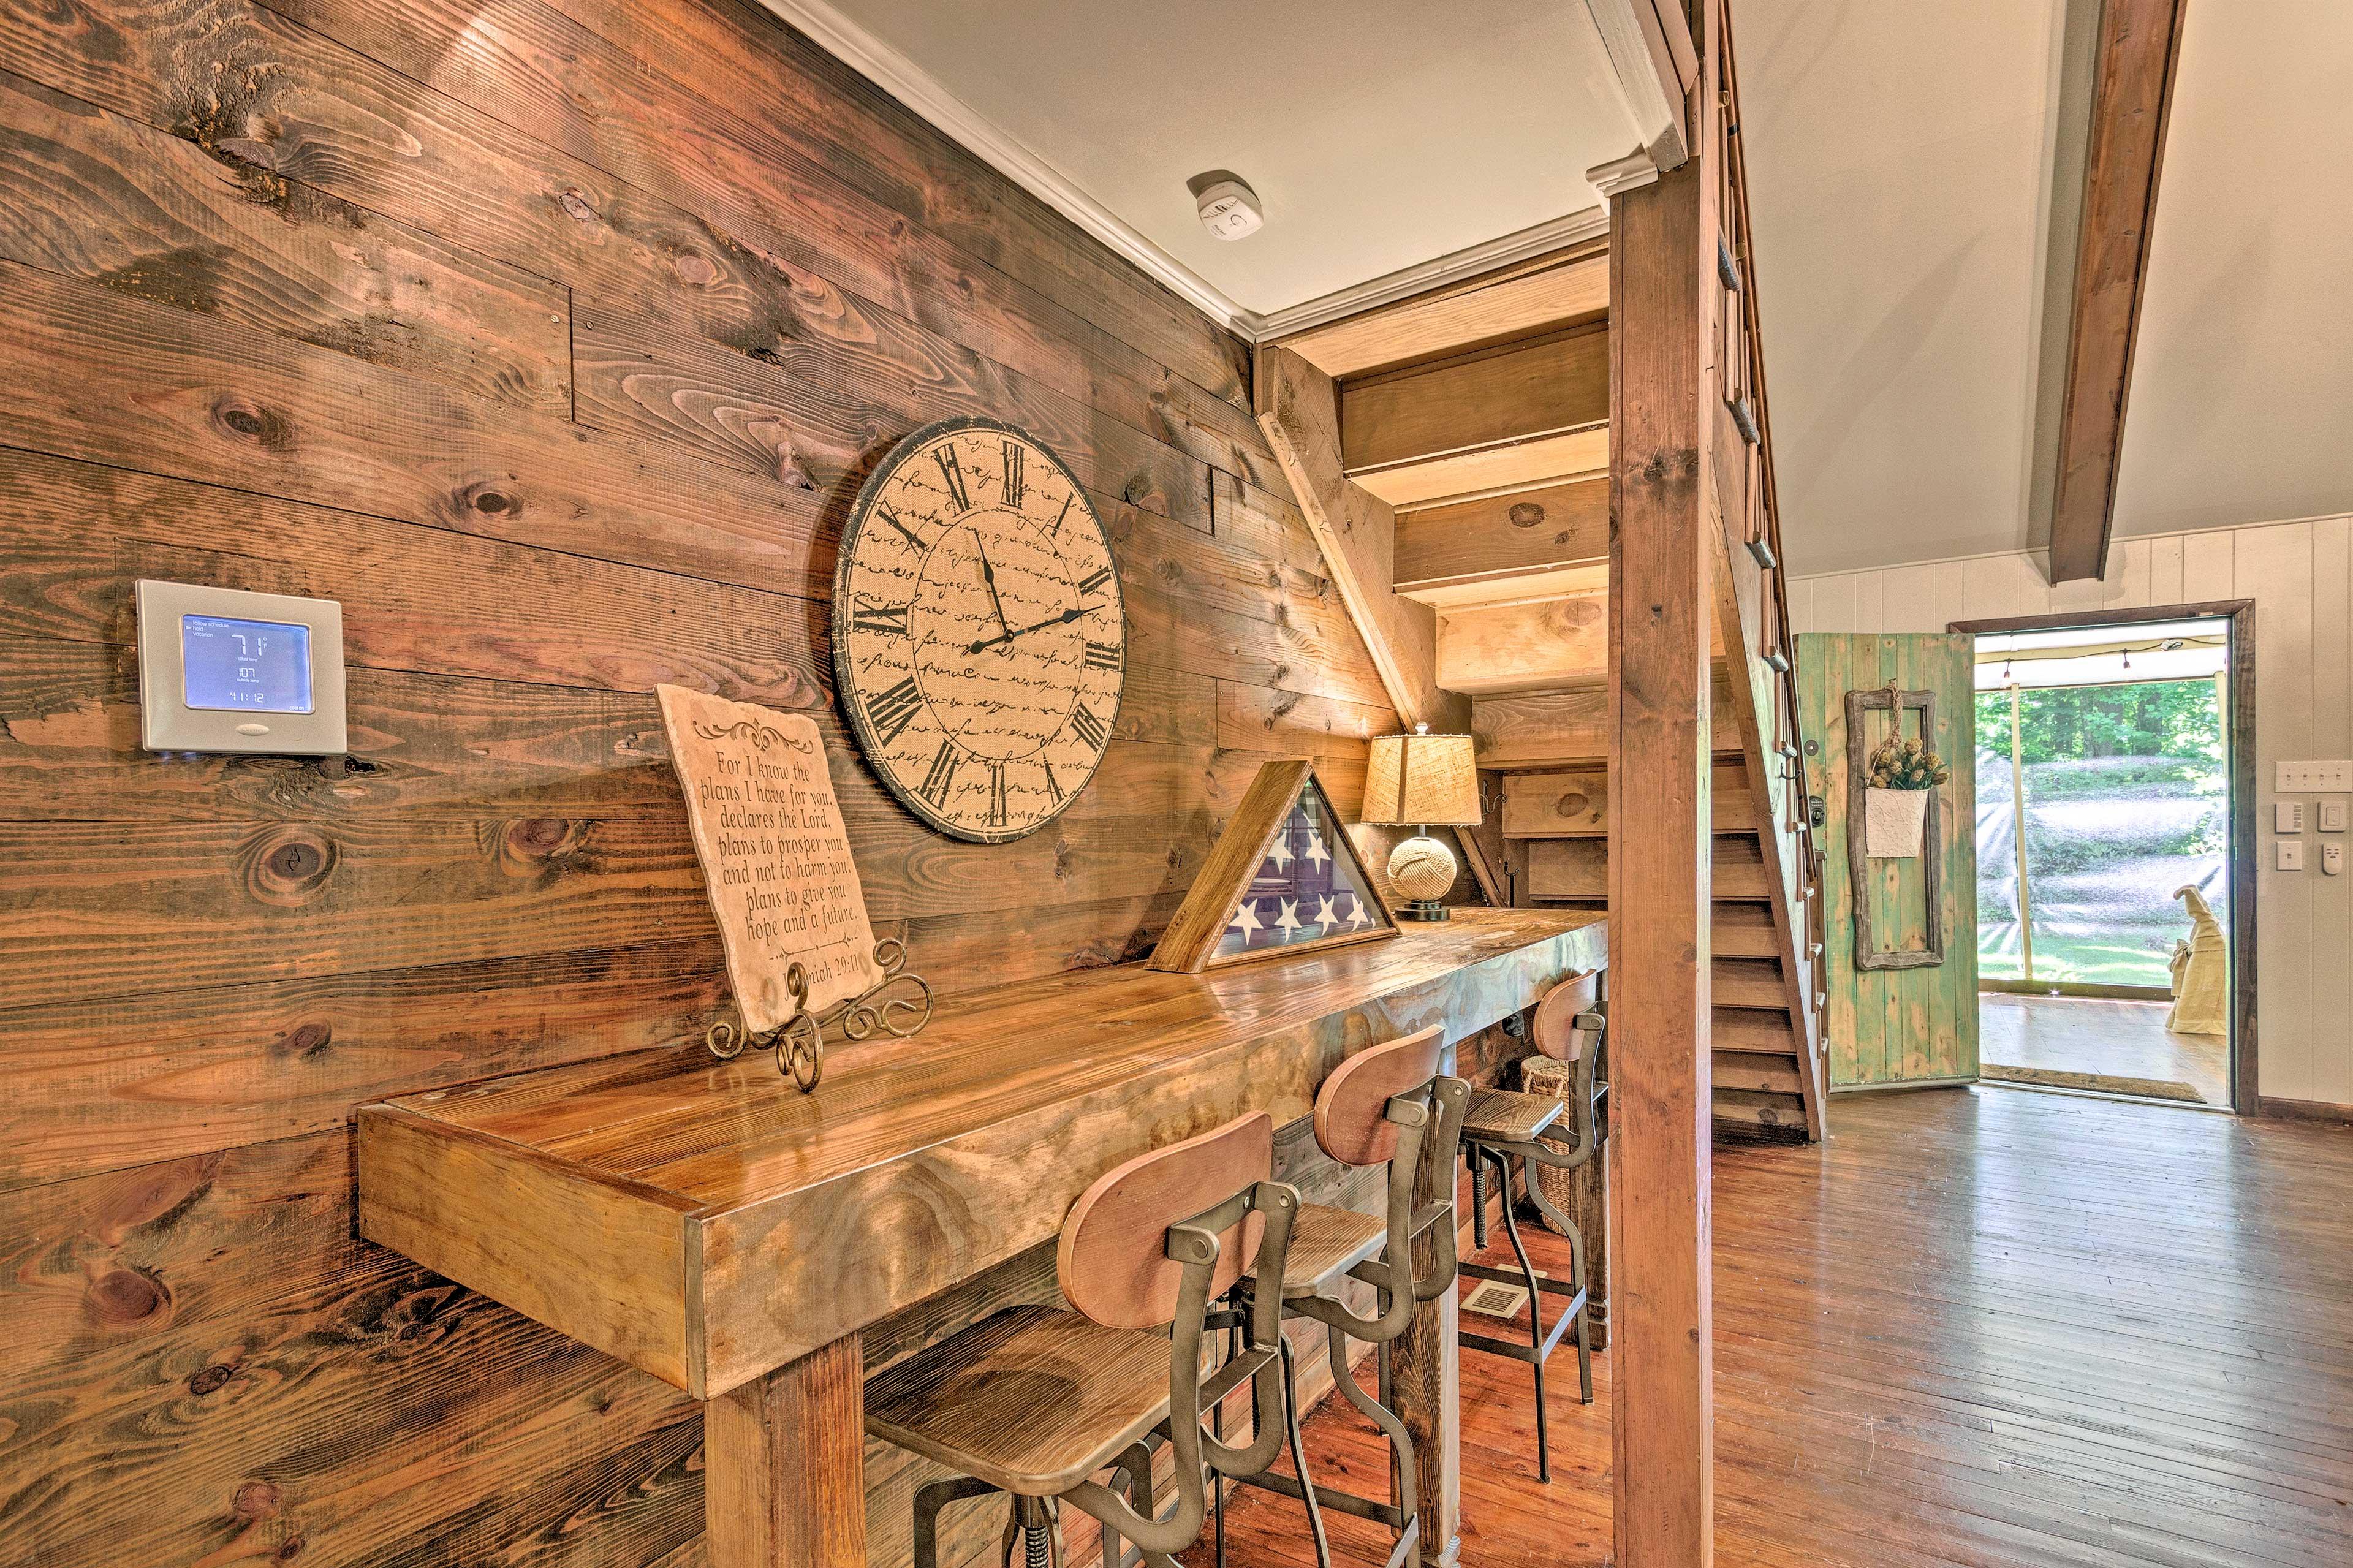 Historic decor completes the interior.